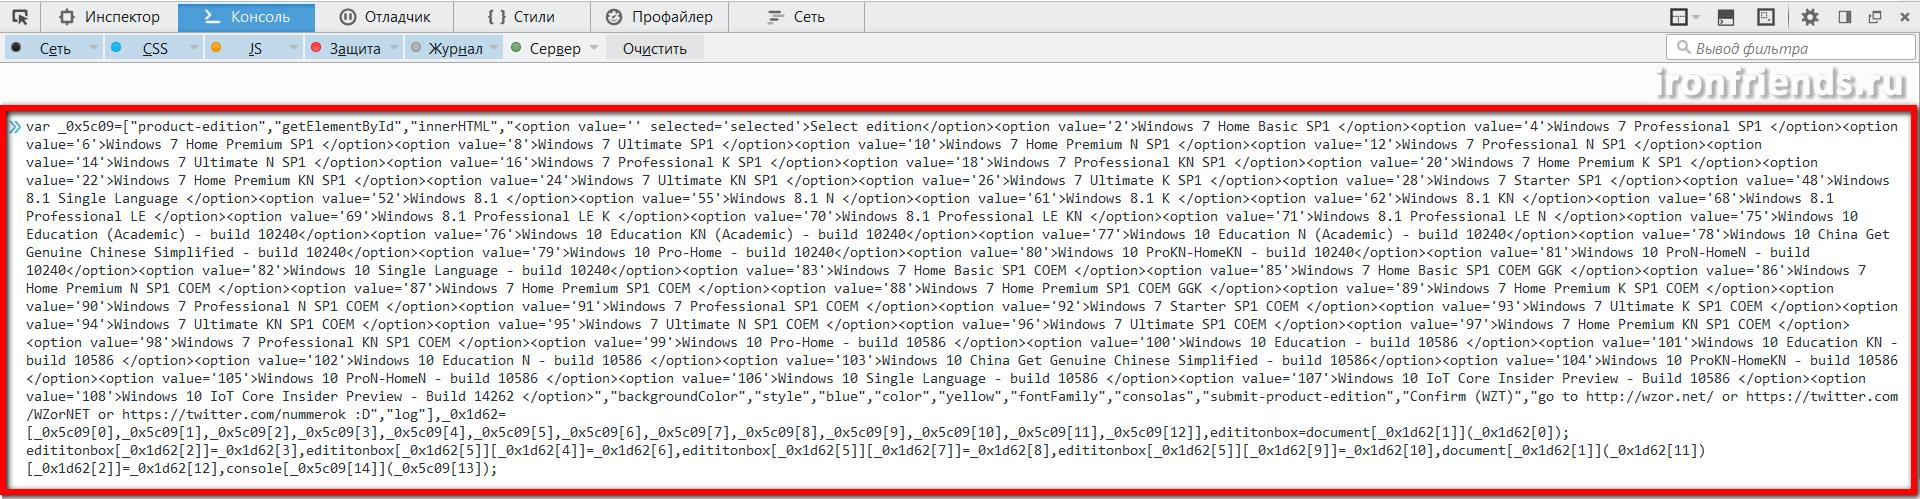 Выполнение скрипта в Mozilla Firefox